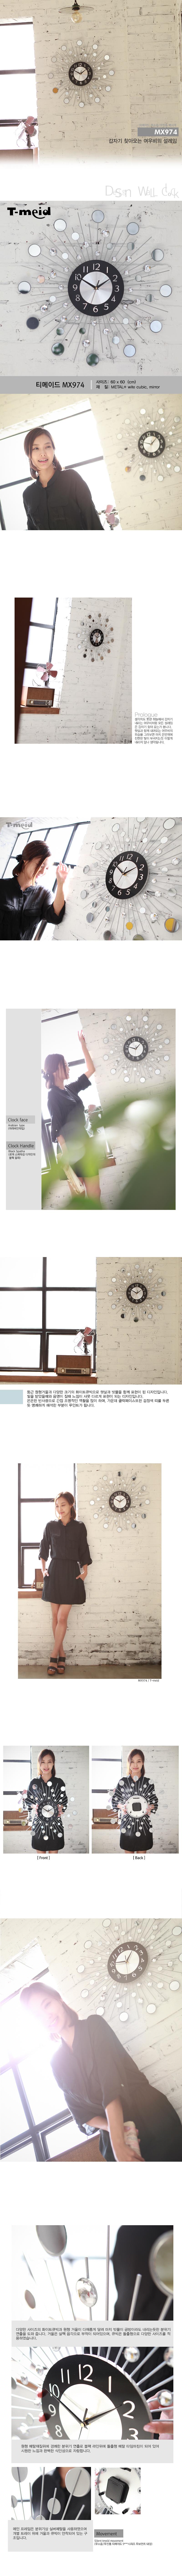 디자인 벽시계 - MX974 - 티메이드, 69,800원, 벽시계, 디자인벽시계